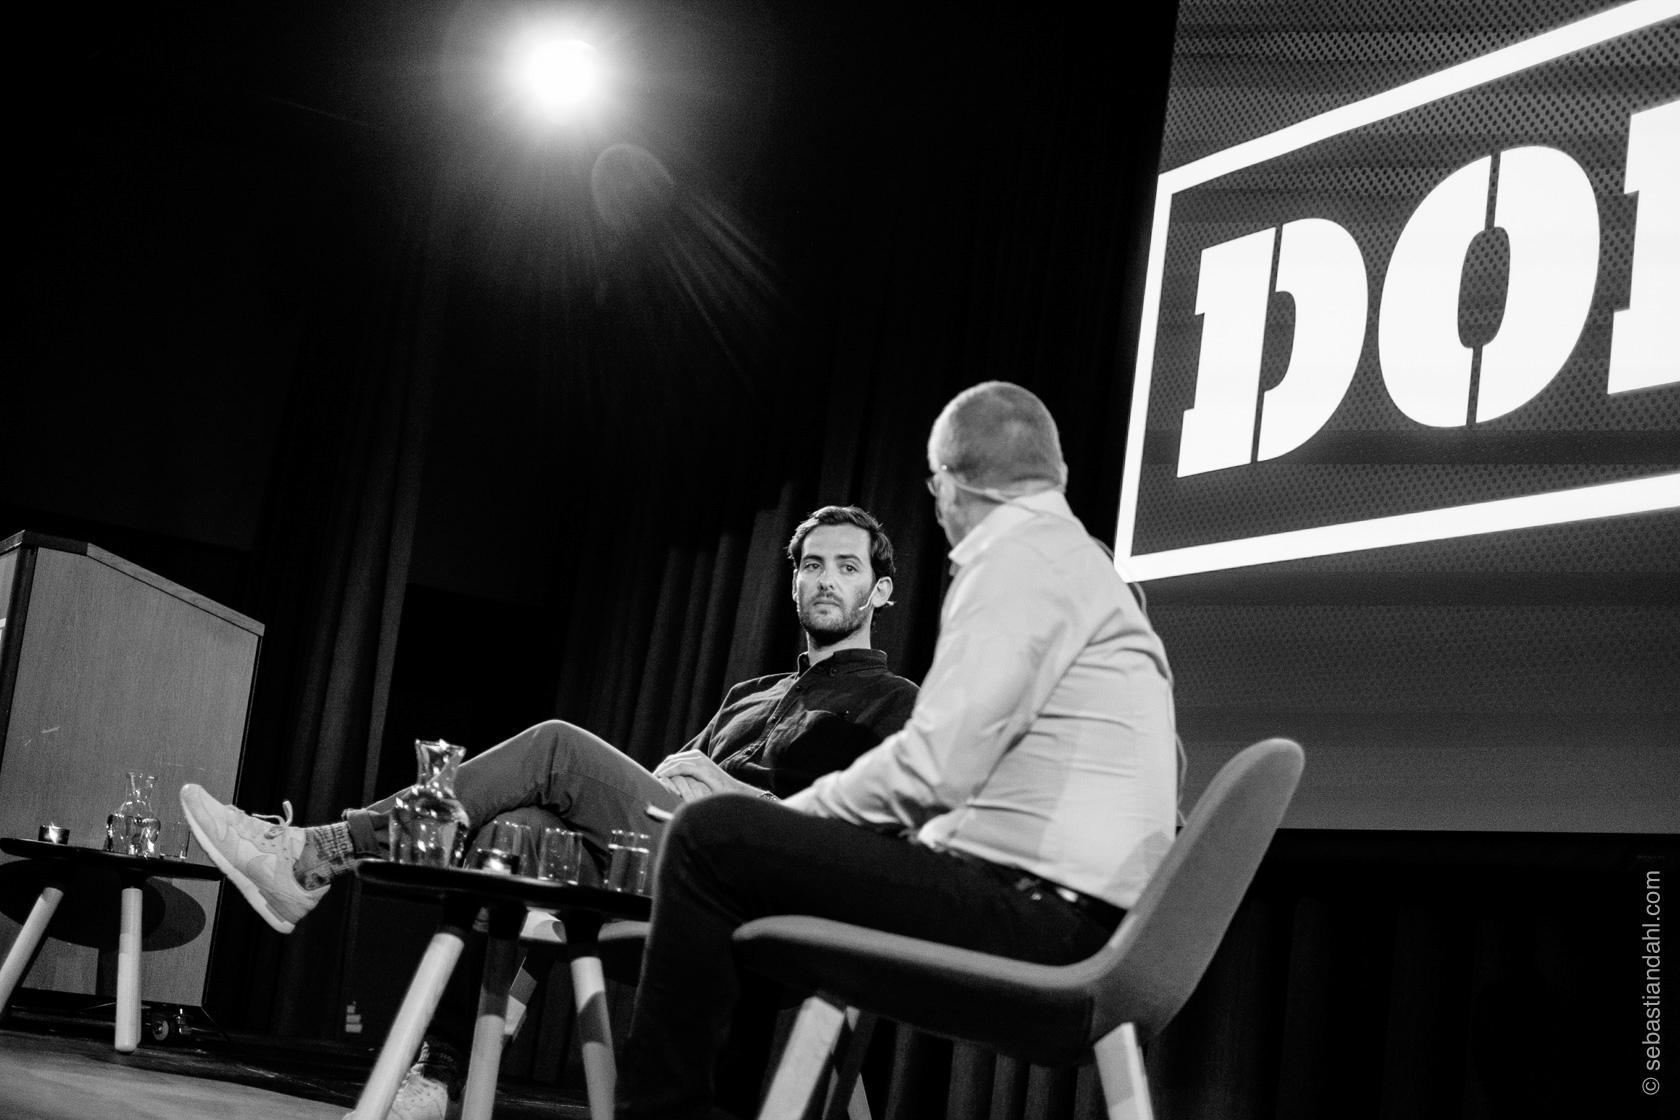 Q&A med Jerry Ricciotti etter kveldsforedraget.Foto: Sébastian Dahl